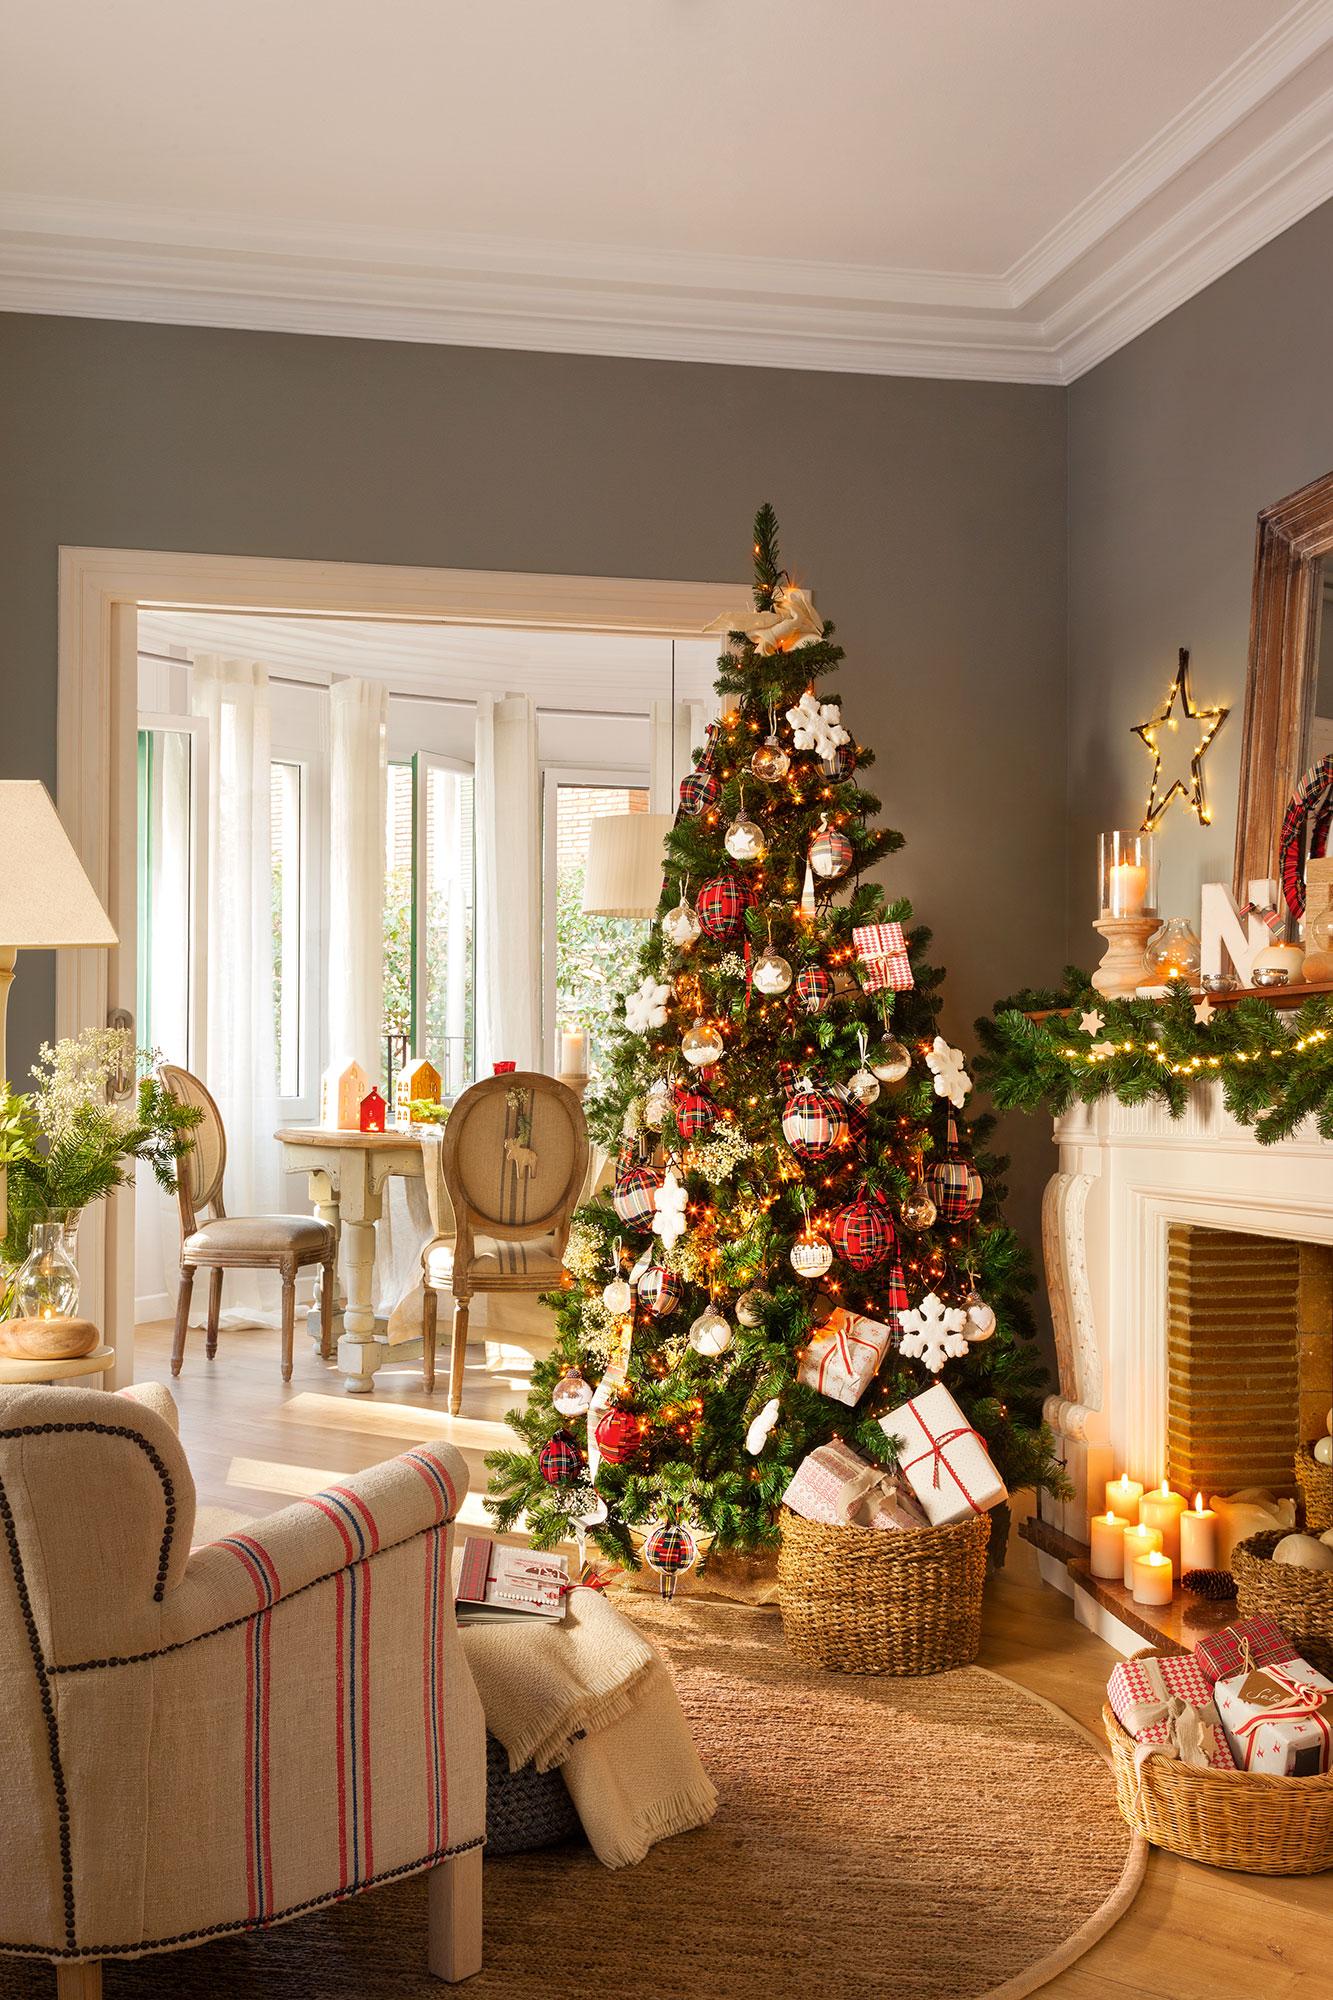 Decoracion De Navidad En Rojo Y Verde 15 Ideas Para Decorar Tu Casa - Decorados-de-navidad